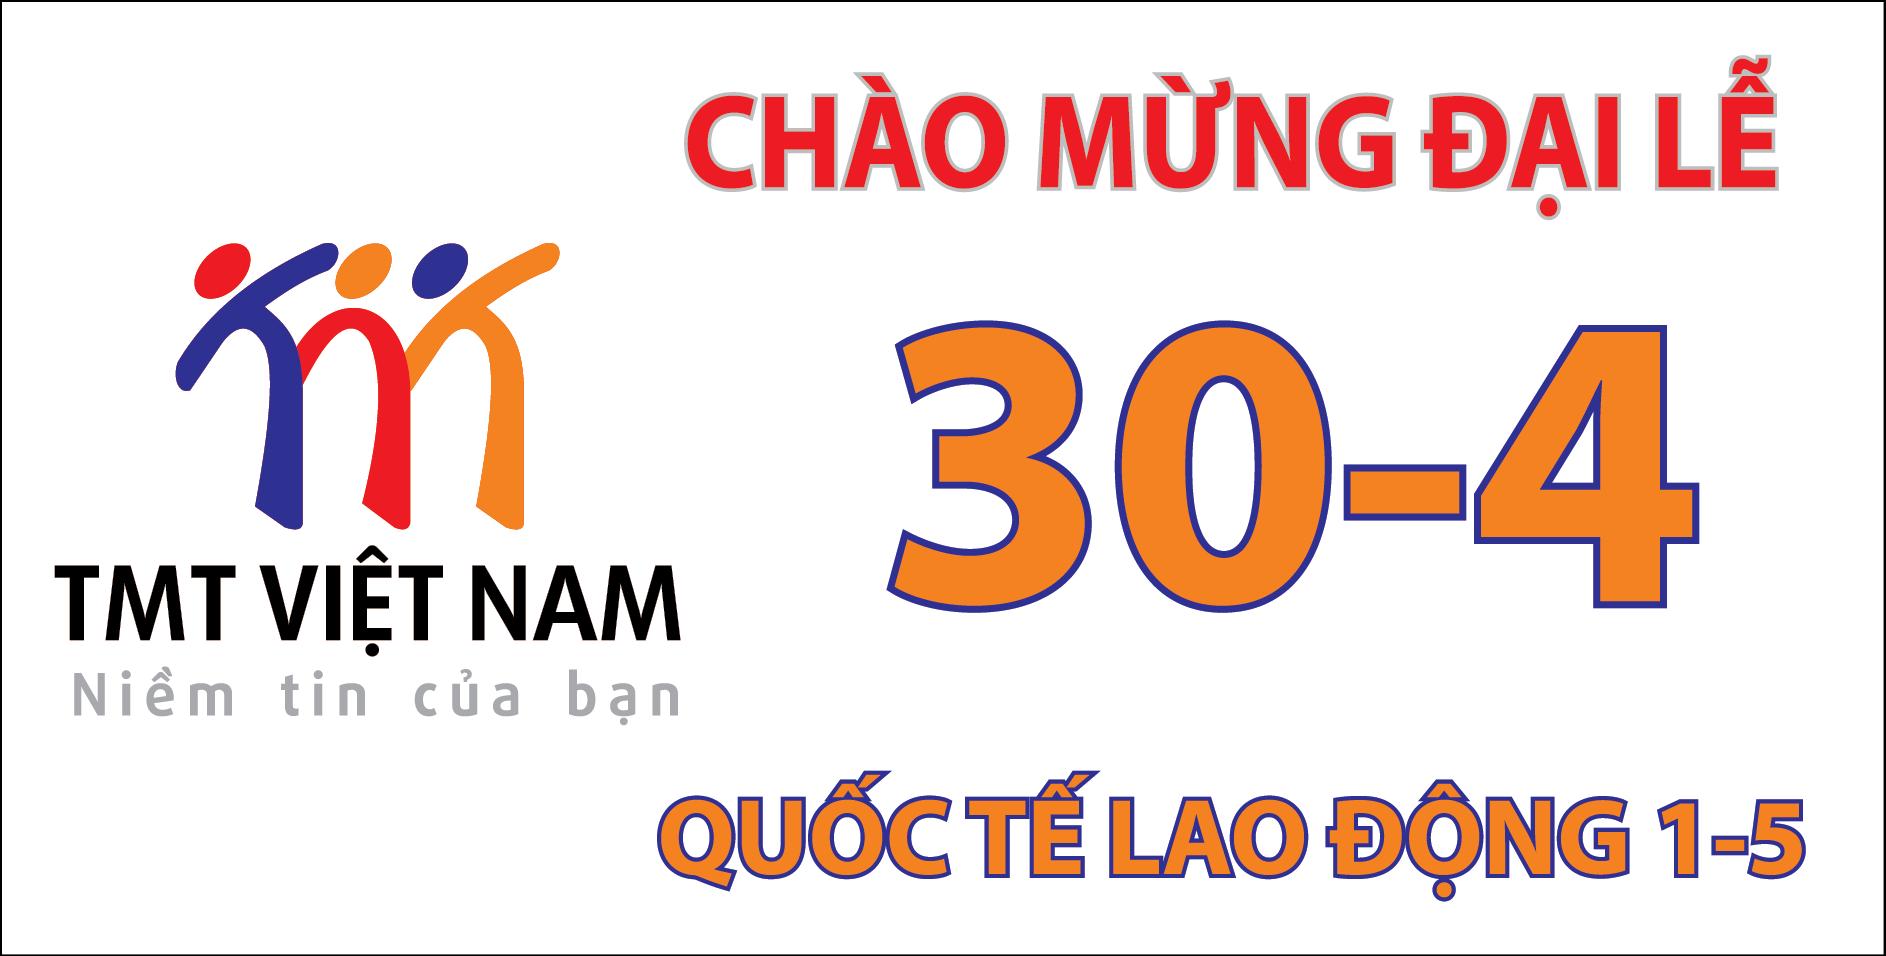 Thong bao nghi le 30/4 và mùng 1/5 nam 2017